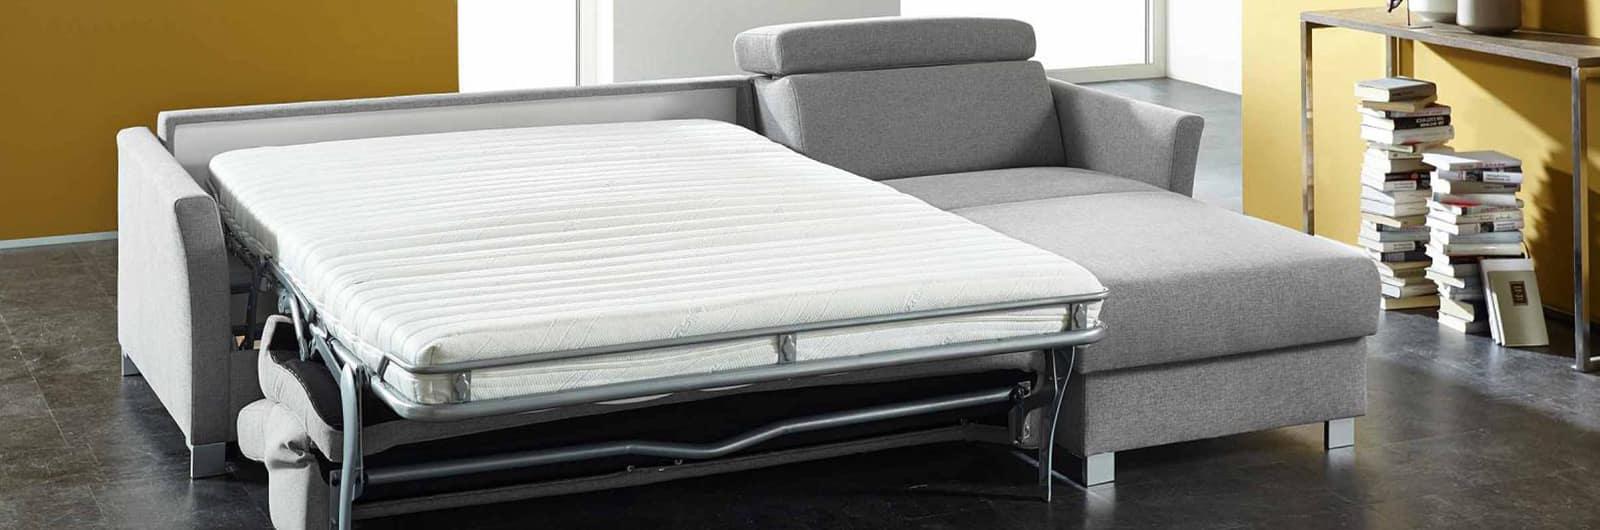 MÜNCHEN DELUXE Eckschlafsofa mit Lattenrost und Matratze. In den Liegeflächen ca. 120x200 cm, ca. 140x200 cm und ca. 160x200 cm erhältlich.